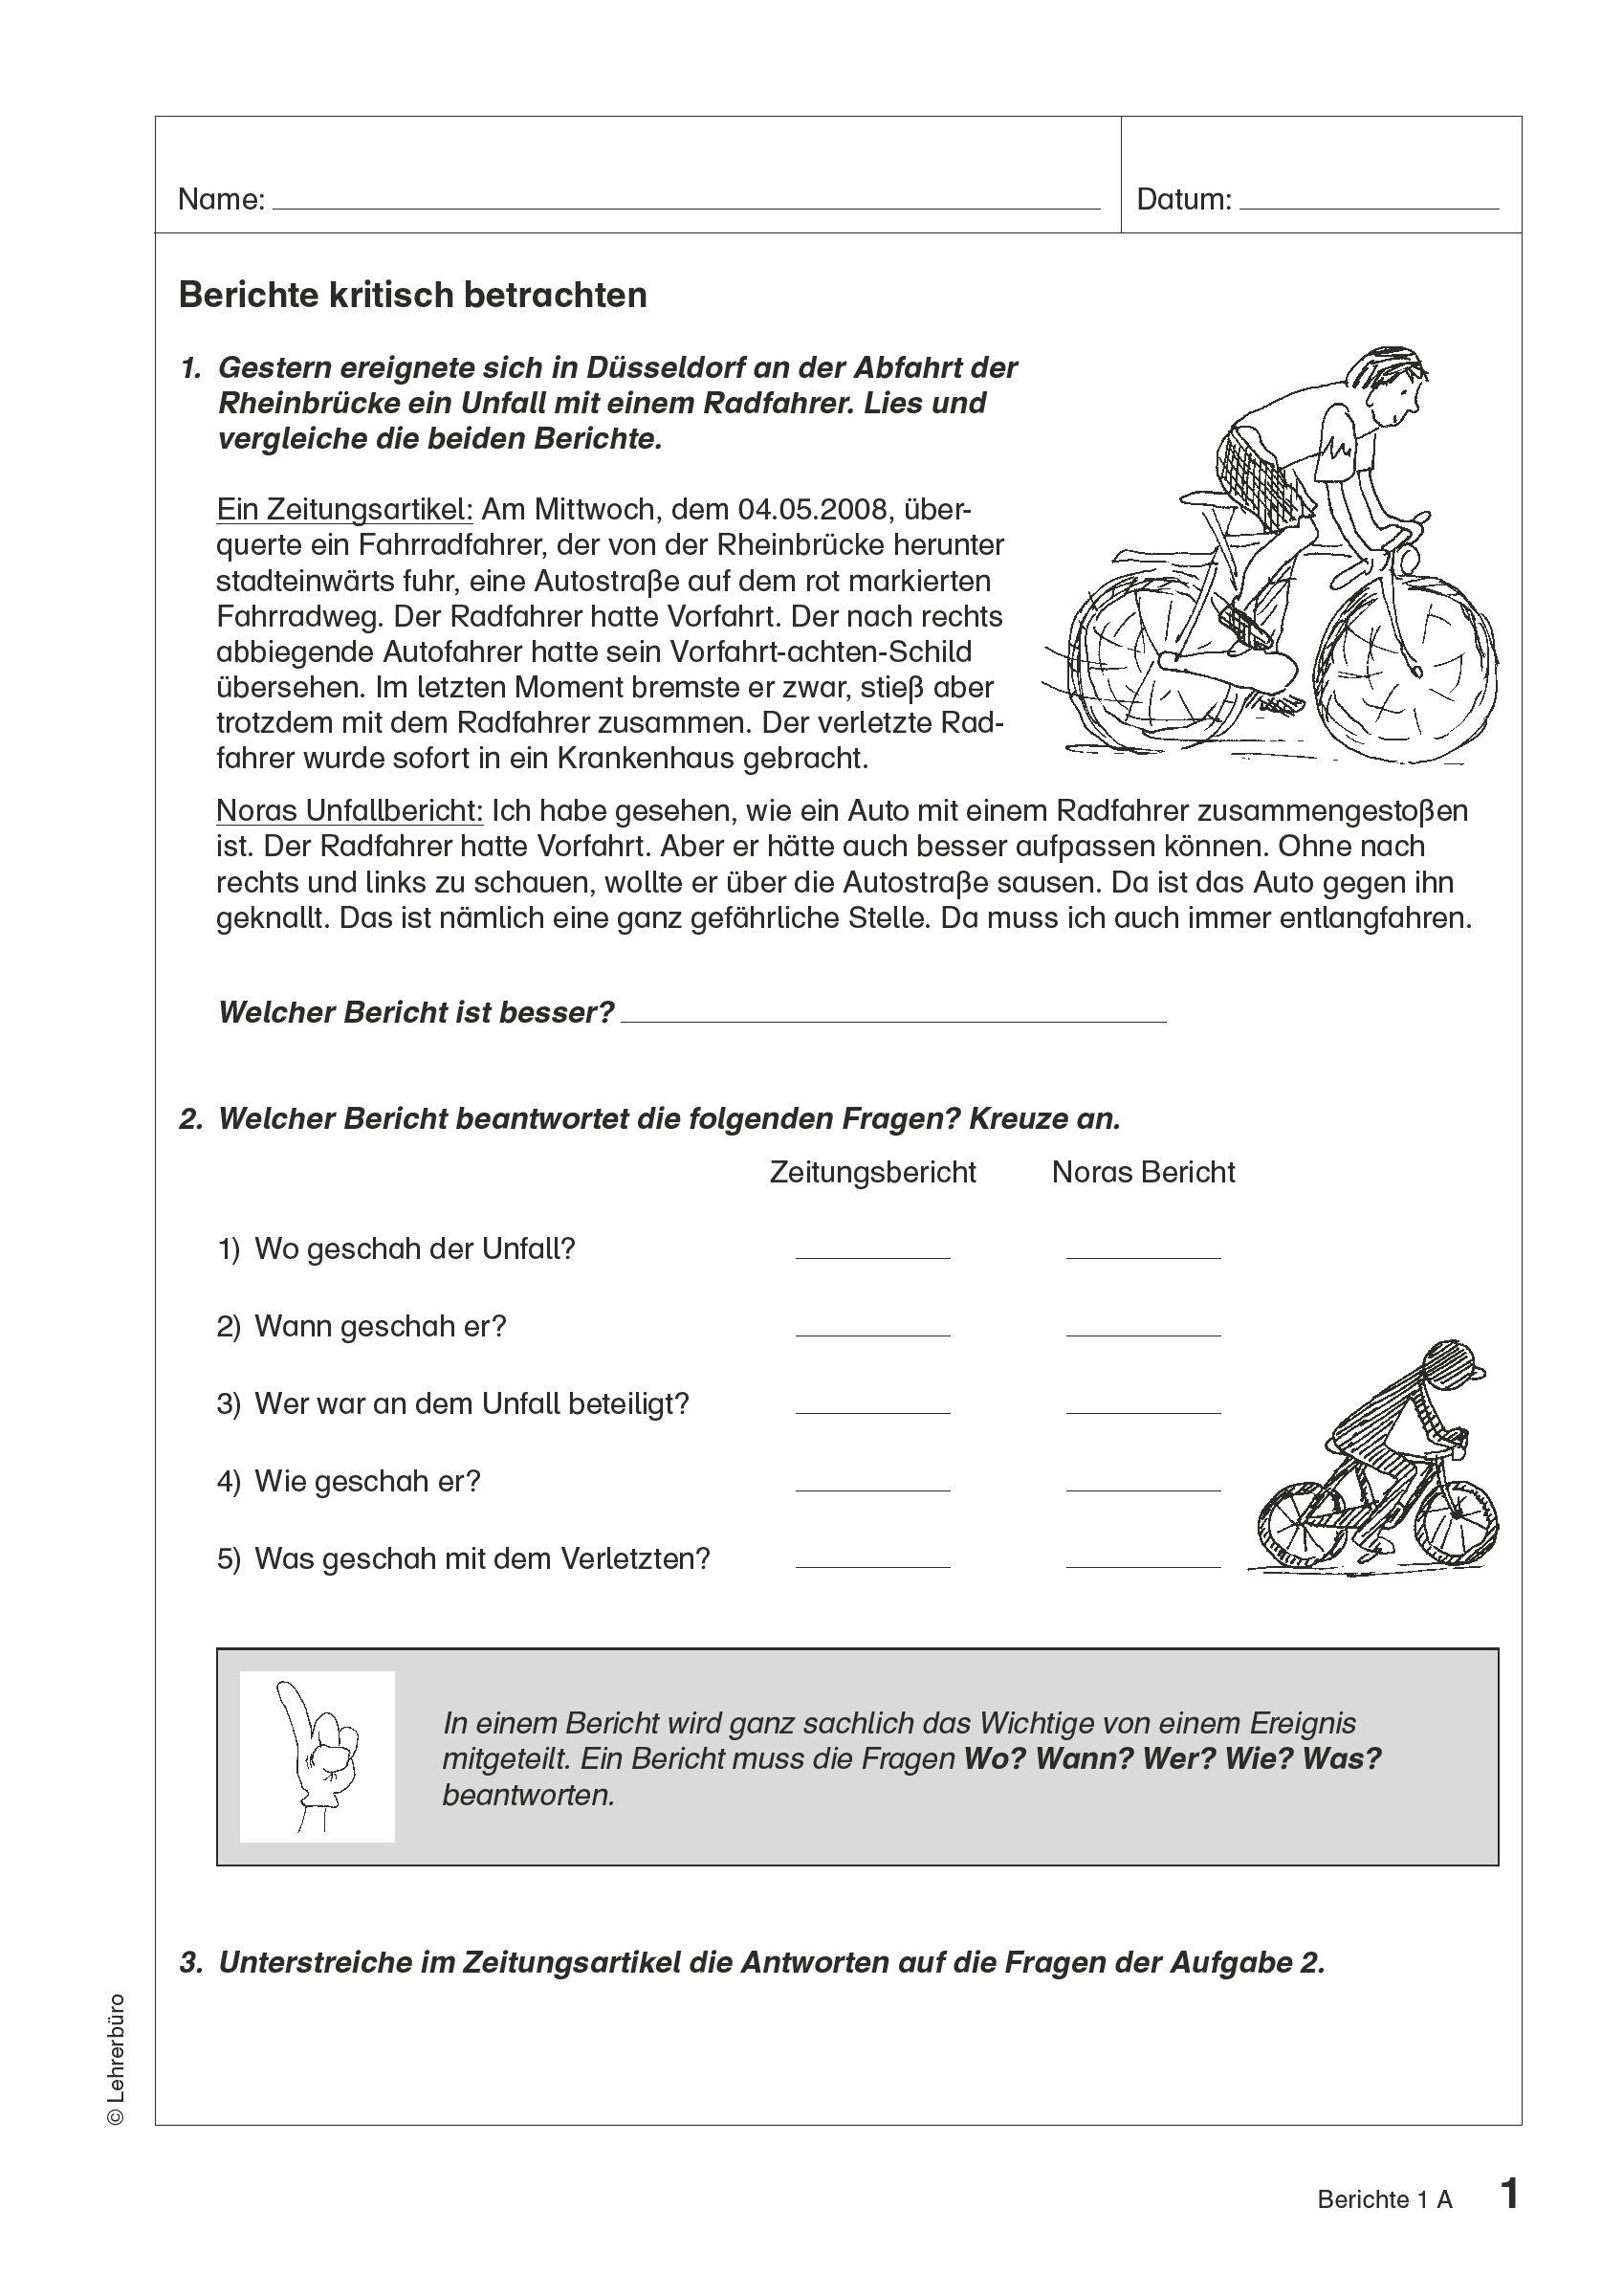 Grundschule Unterrichtsmaterial Deutsch Textgattungen über Bericht Schreiben Grundschule 4 Klasse Übungen